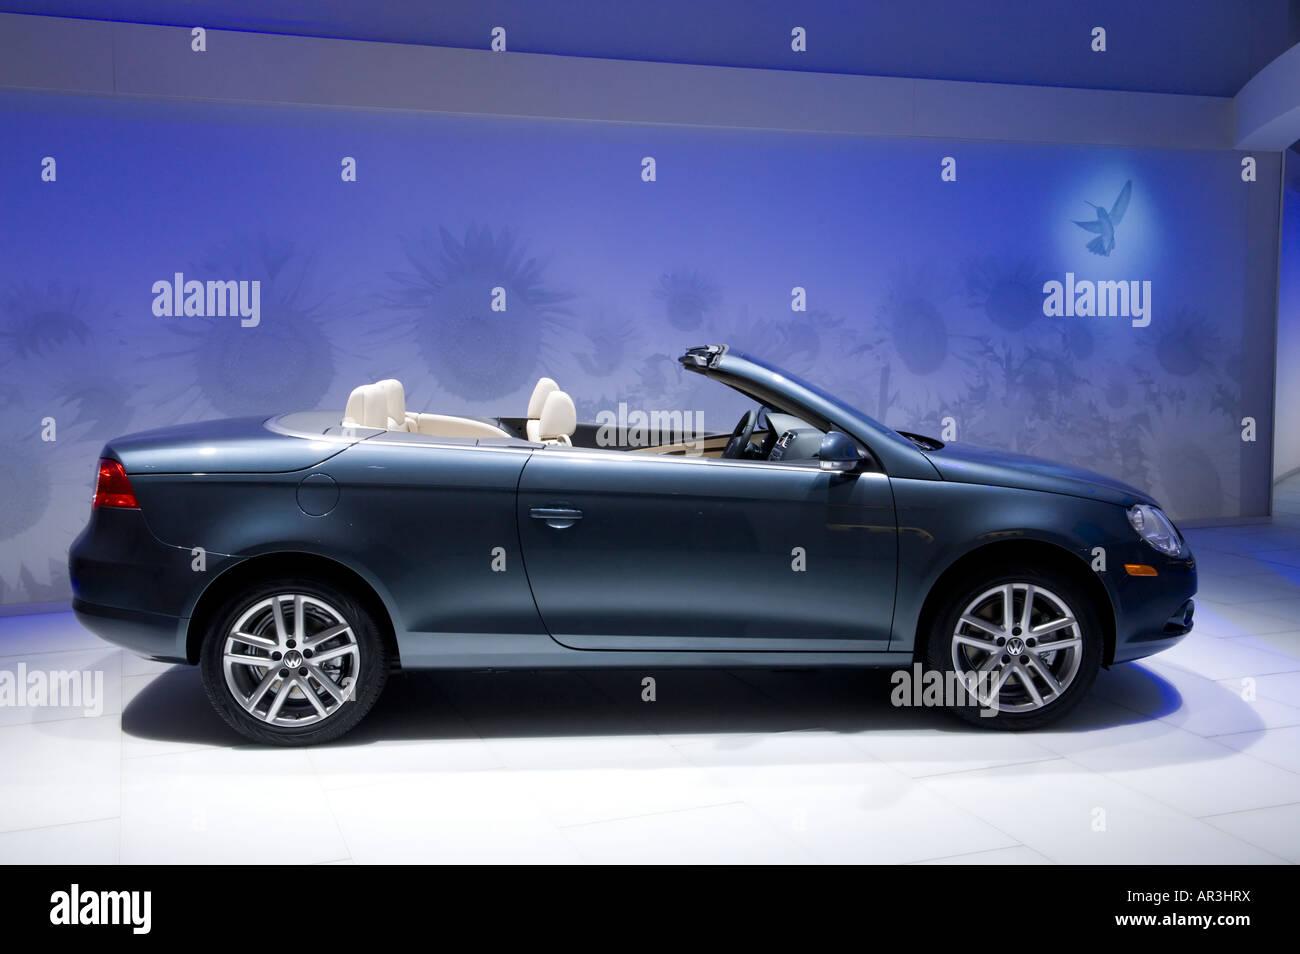 Vw Eos Stock Photos Vw Eos Stock Images Alamy - Eos car show